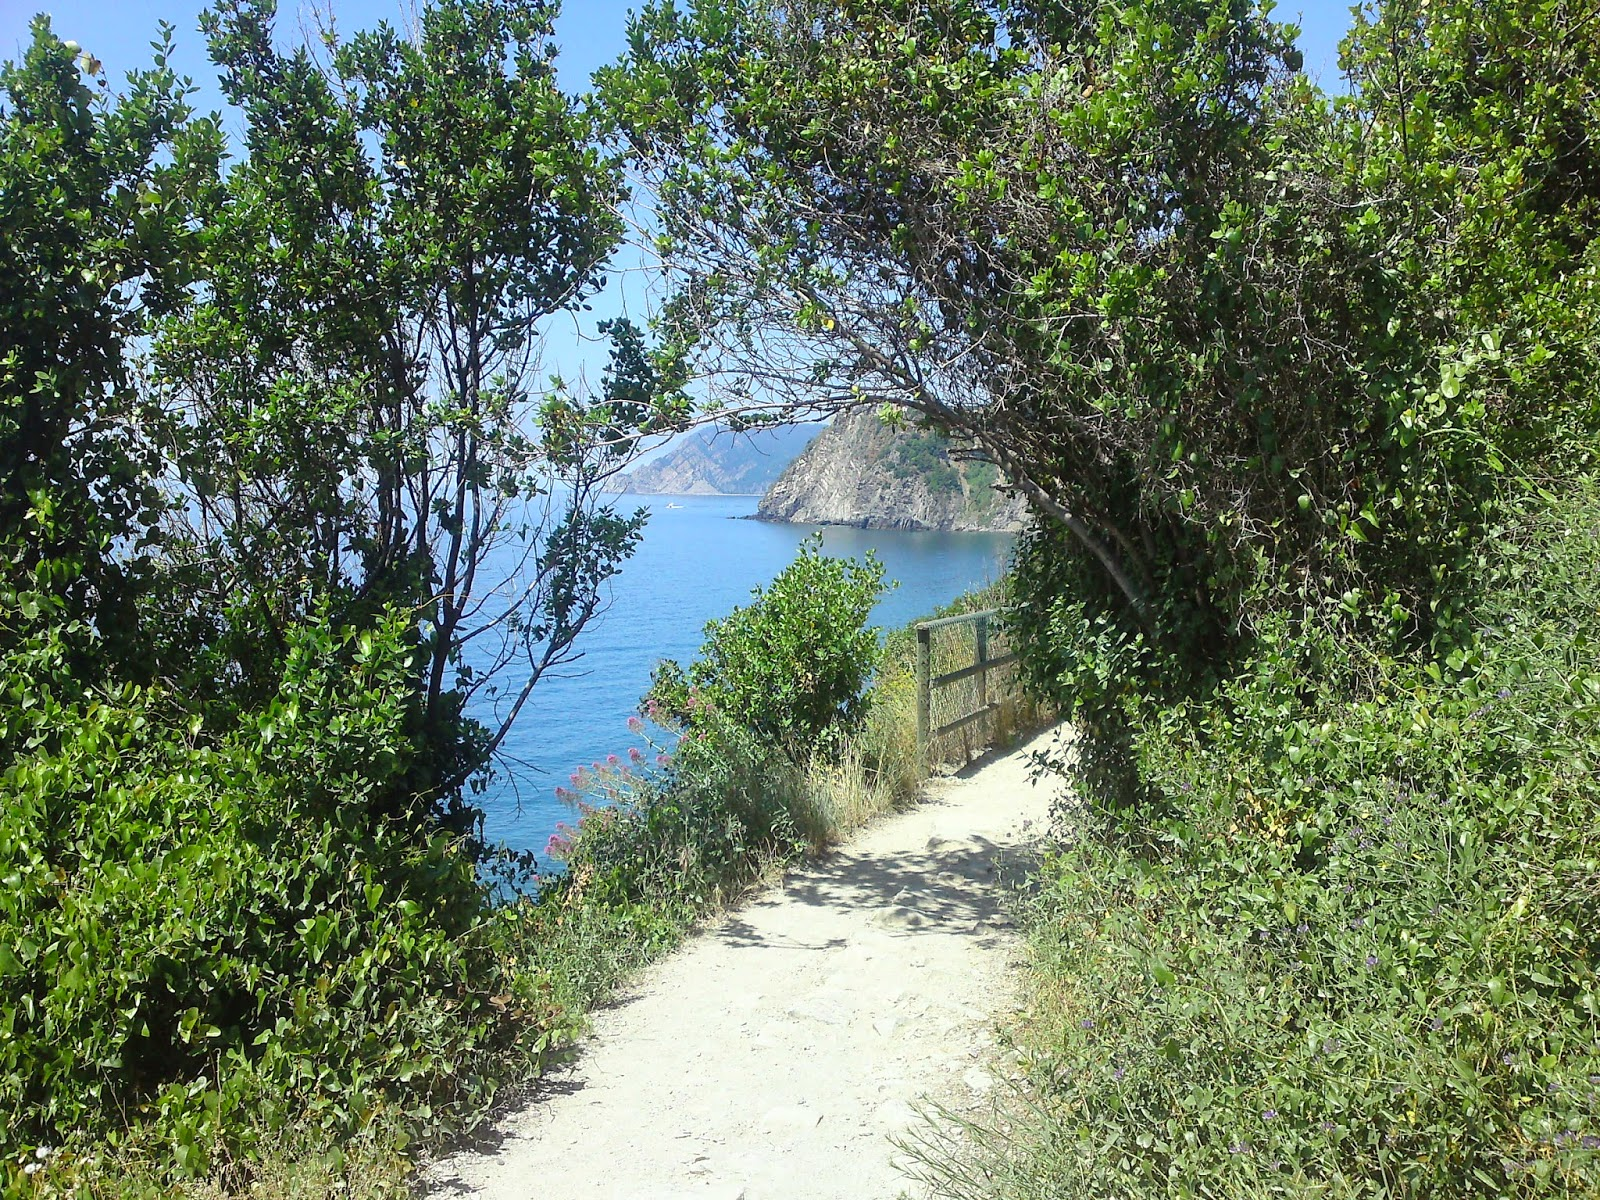 Vakantie, Cinque Terre, bloemenriviera, Ligurië, Italie: www.italiaansebloemenriviera.nl: No.1 bloemenriviera site! Bekijk het grootste (last minute) aanbod hotels, vakantiehuizen, b&b, agriturismo, appartementen, campings aan de bloemenriviera, Italië